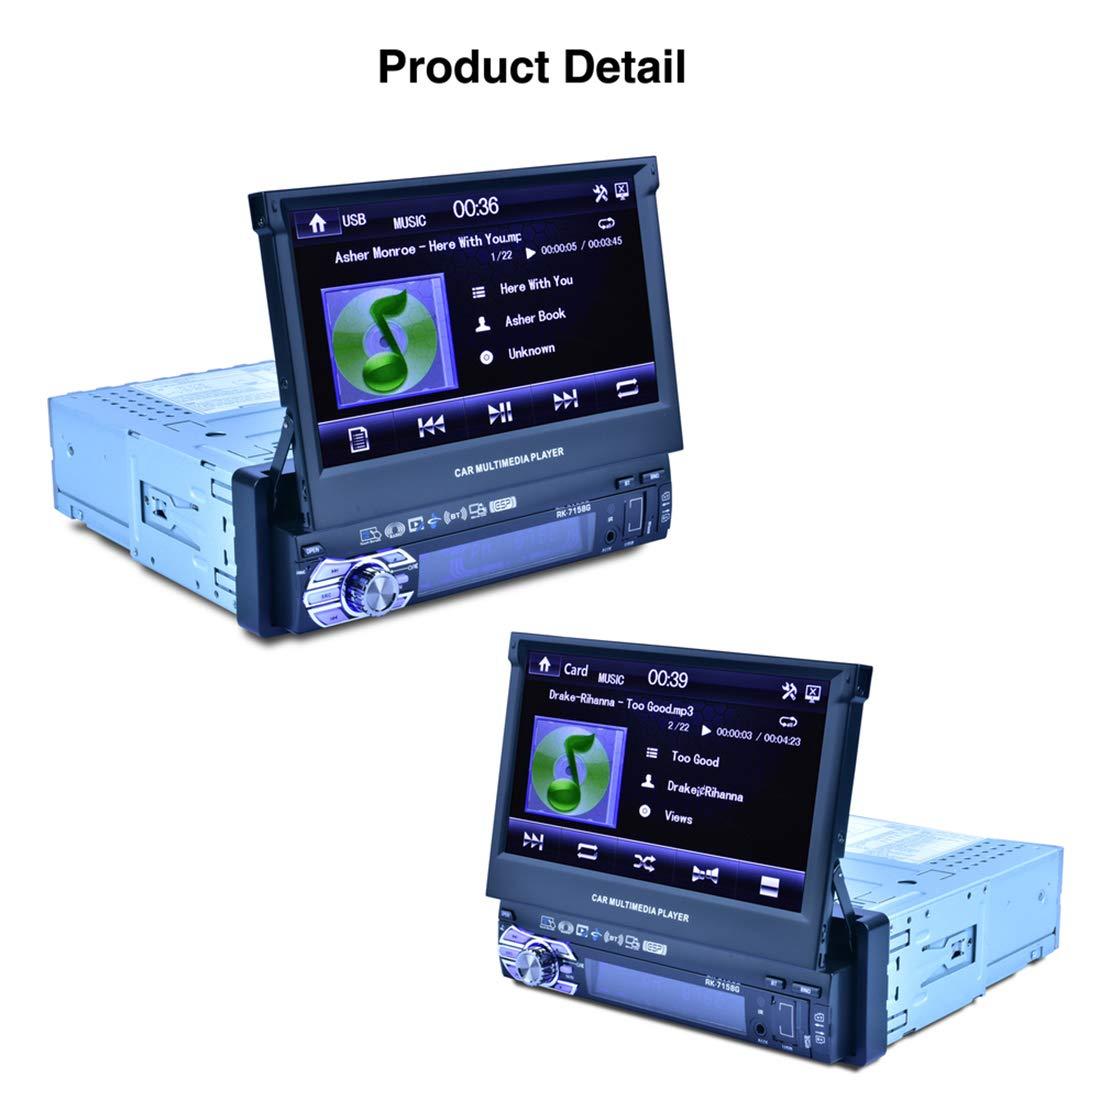 con Funzione Vista Posteriore Car MP3 e MP4 e MP5 RONGCHAO Ricevitore autoradio Universale RK-7158G HD 7 Pollici Single DIN Car MP3 MP5 Player Navigazione GPS Bluetooth Touch Stereo Radio